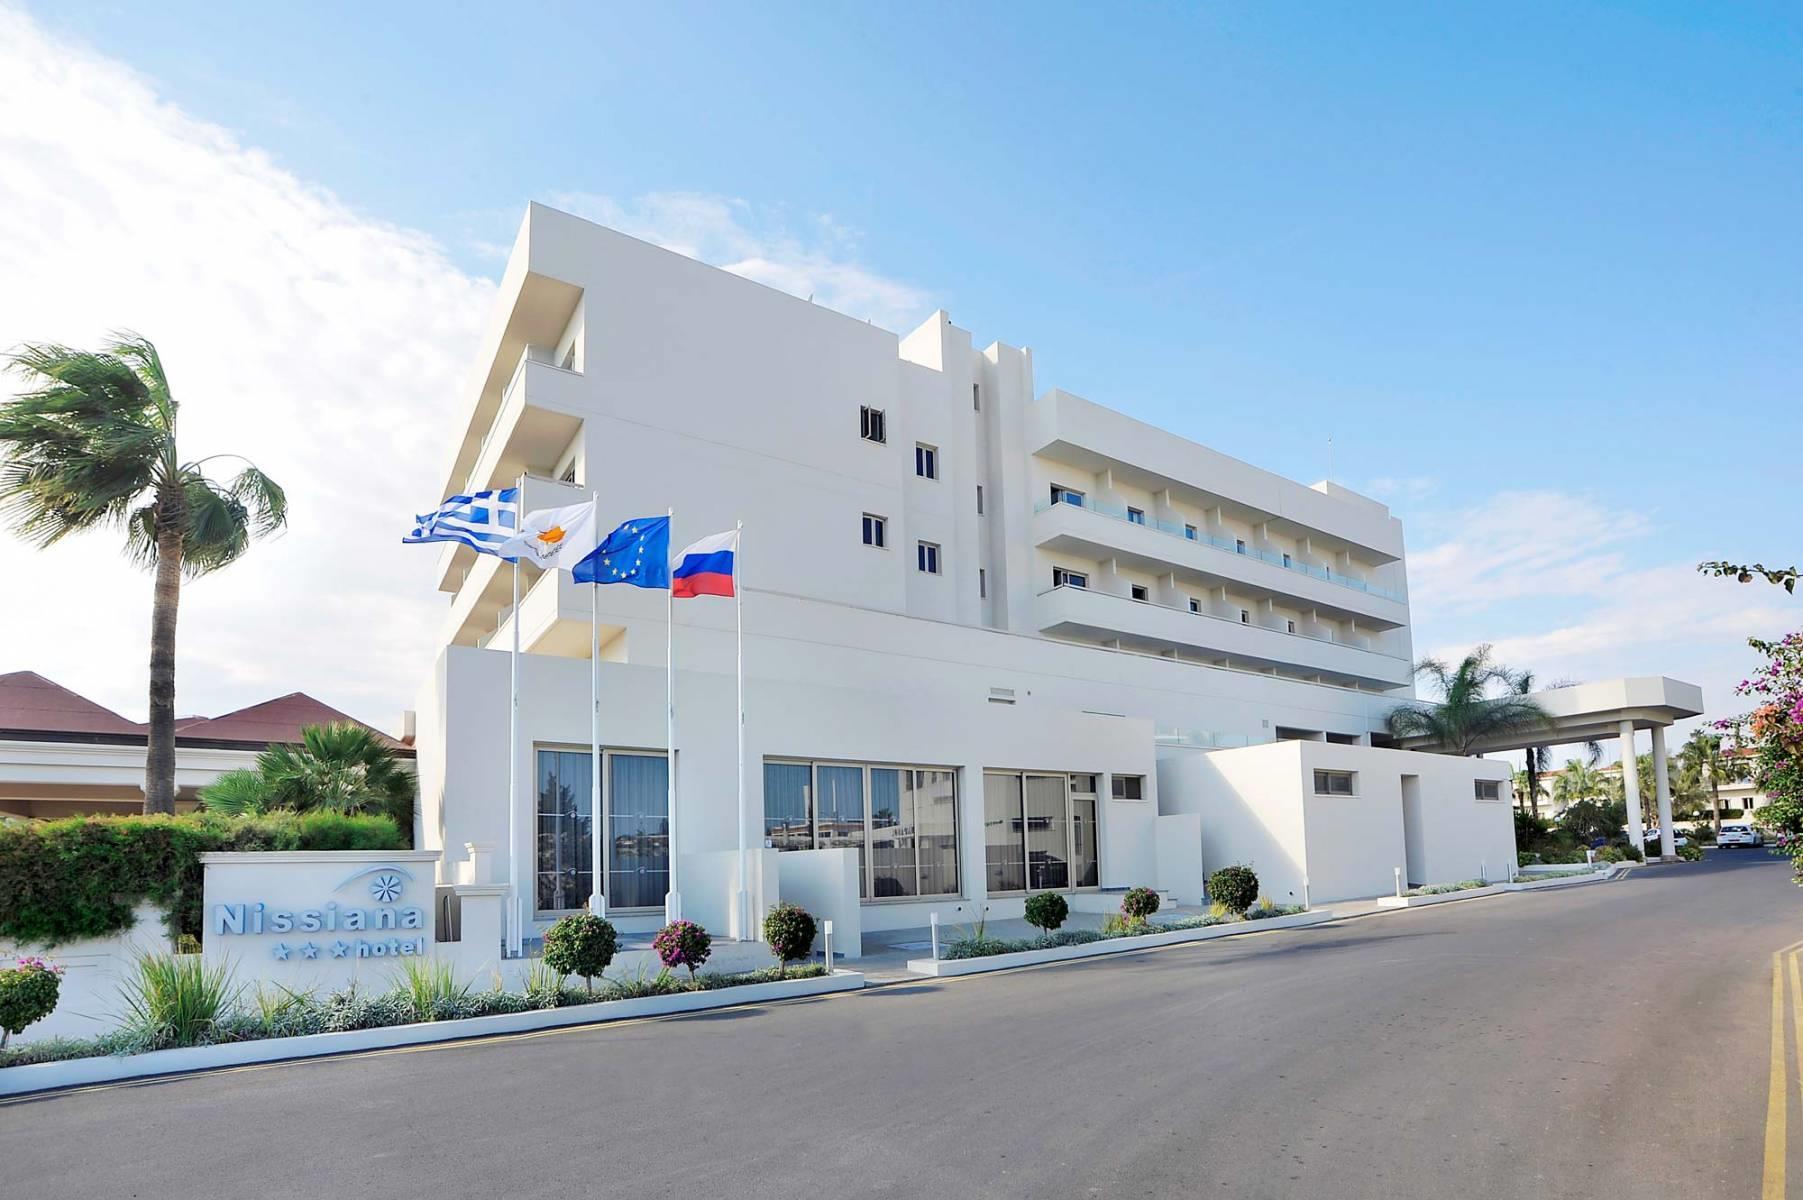 отель ниссиана кипр отзывы и фото видео открытка